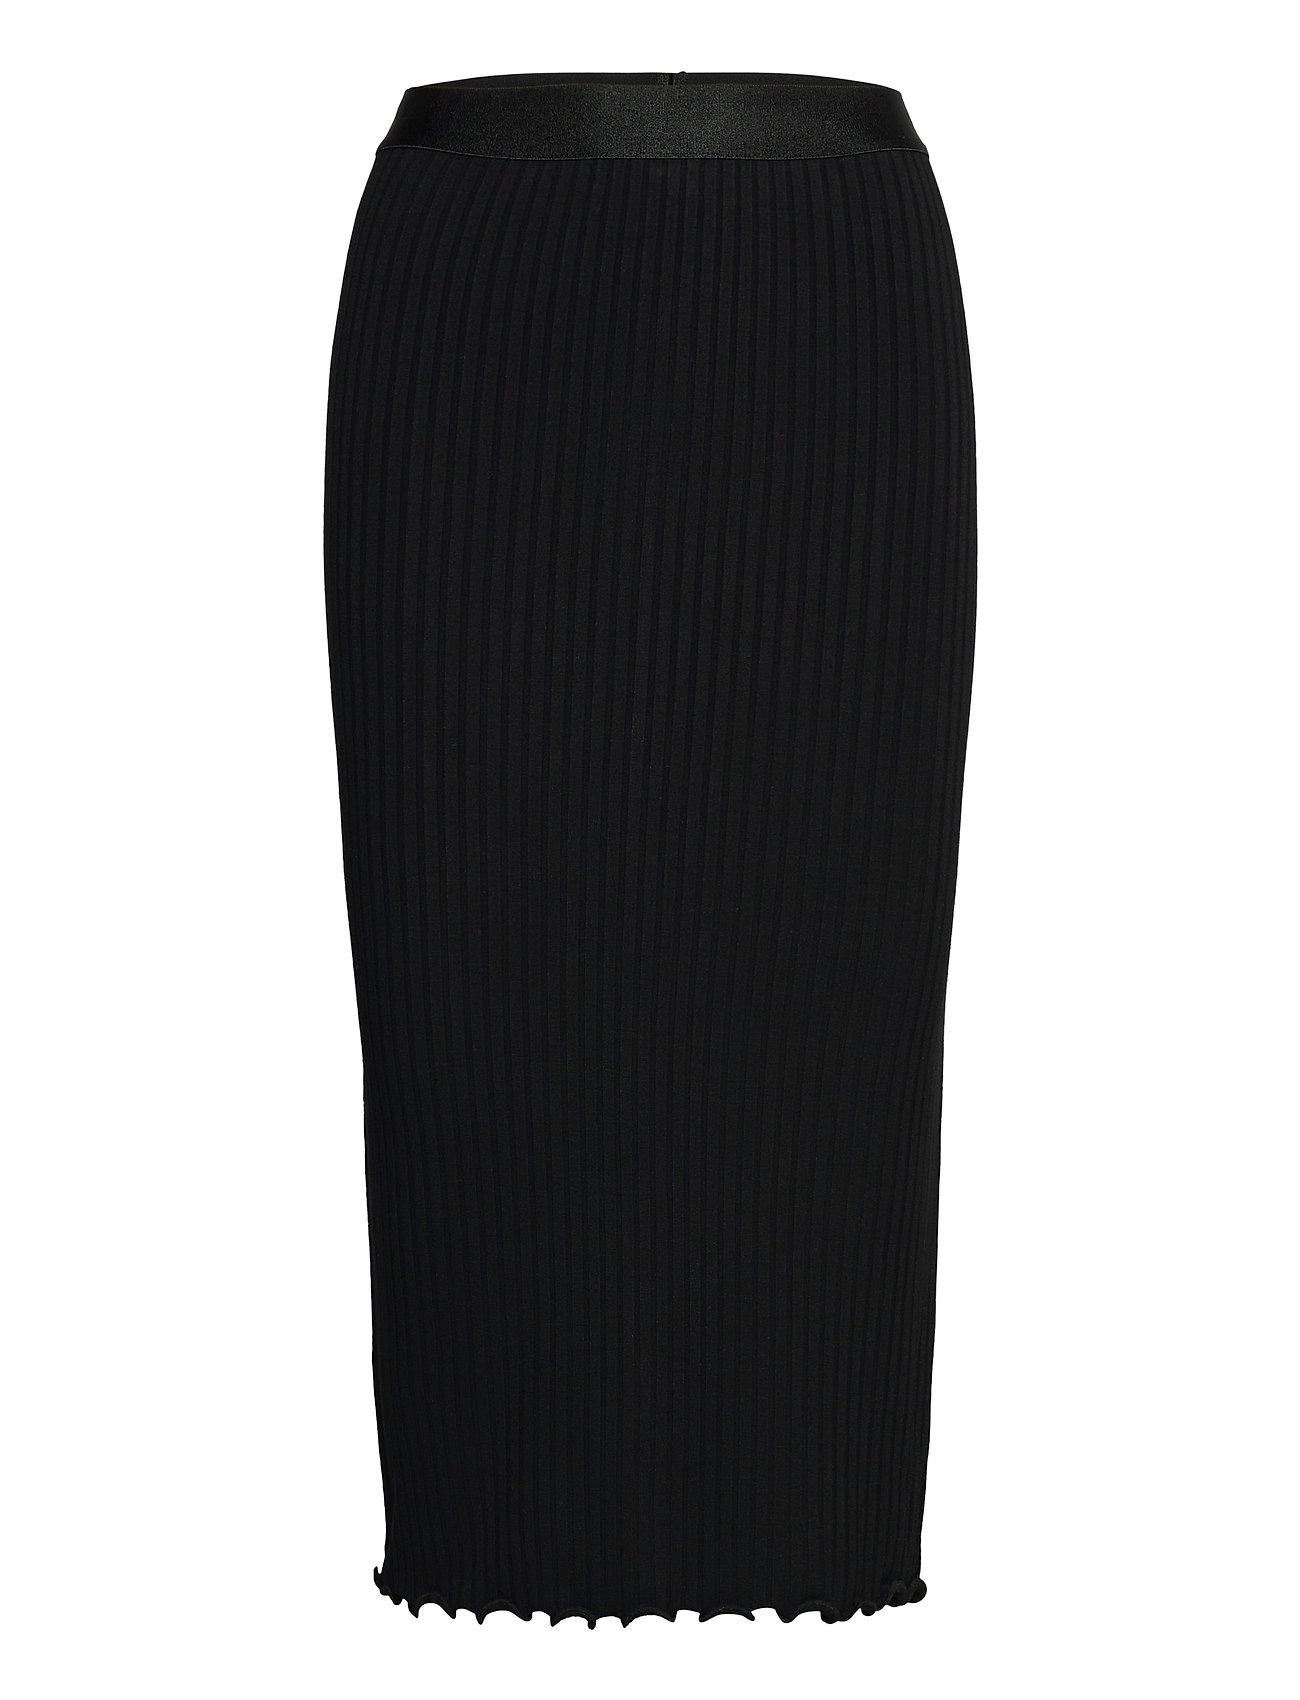 5x5 Solid Suzetta Knælang Nederdel Sort Mads Nørgaard